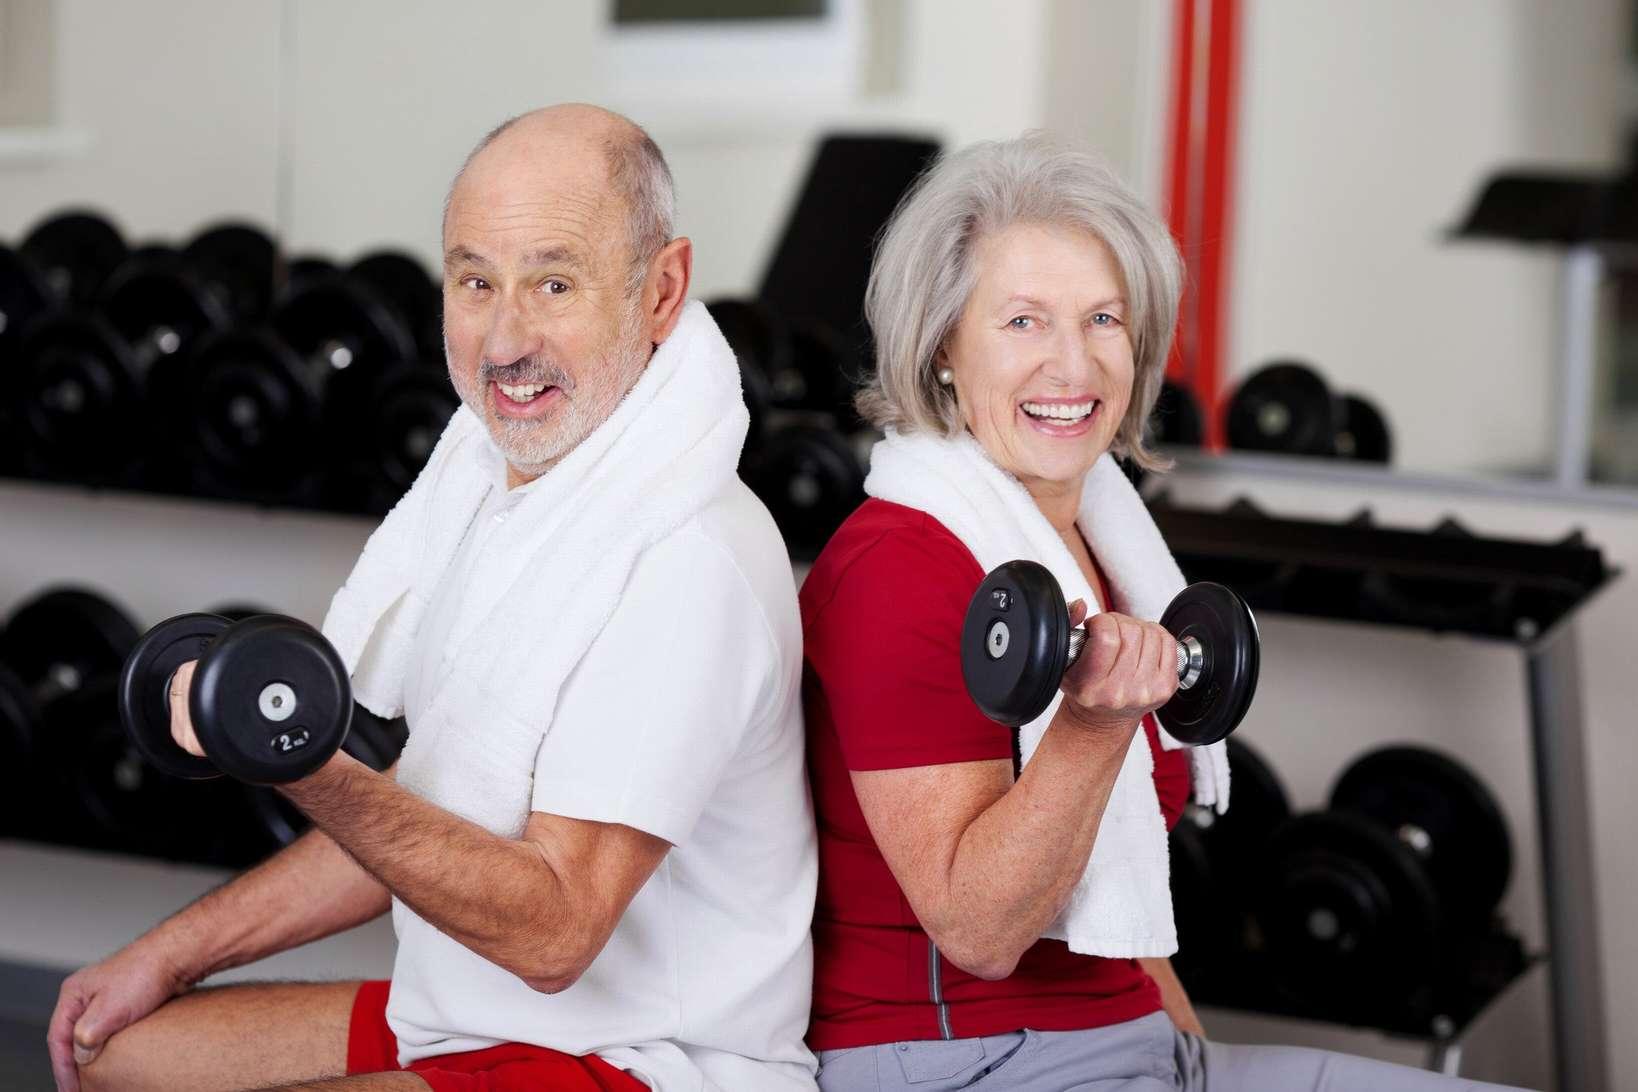 Организованы бесплатные занятия физкультурой и спортом для пенсионеров и ветеранов